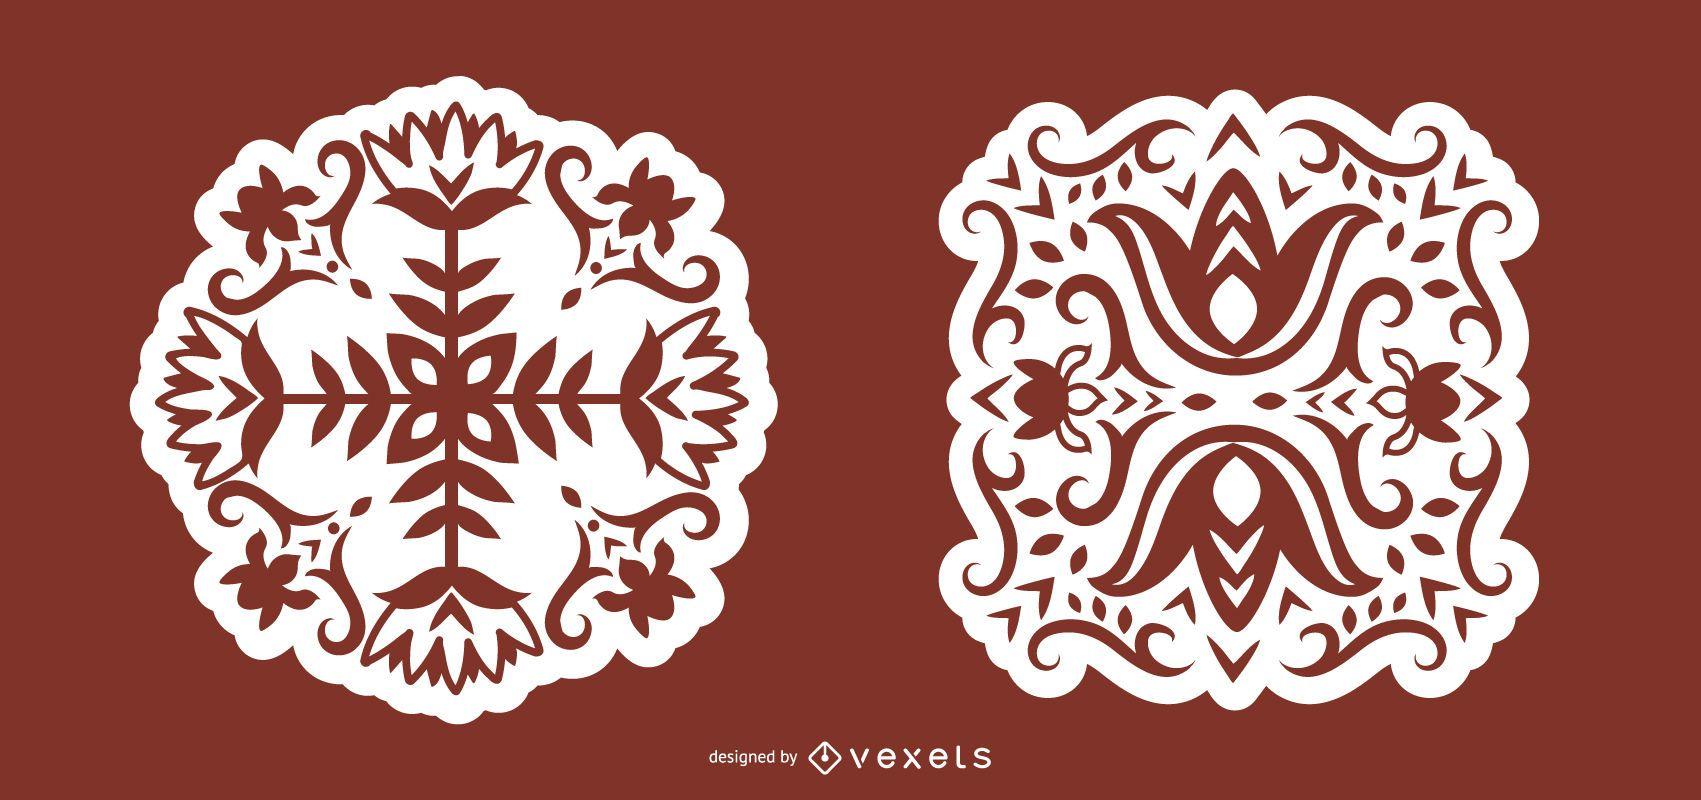 Floral Scandinavian Folk Art